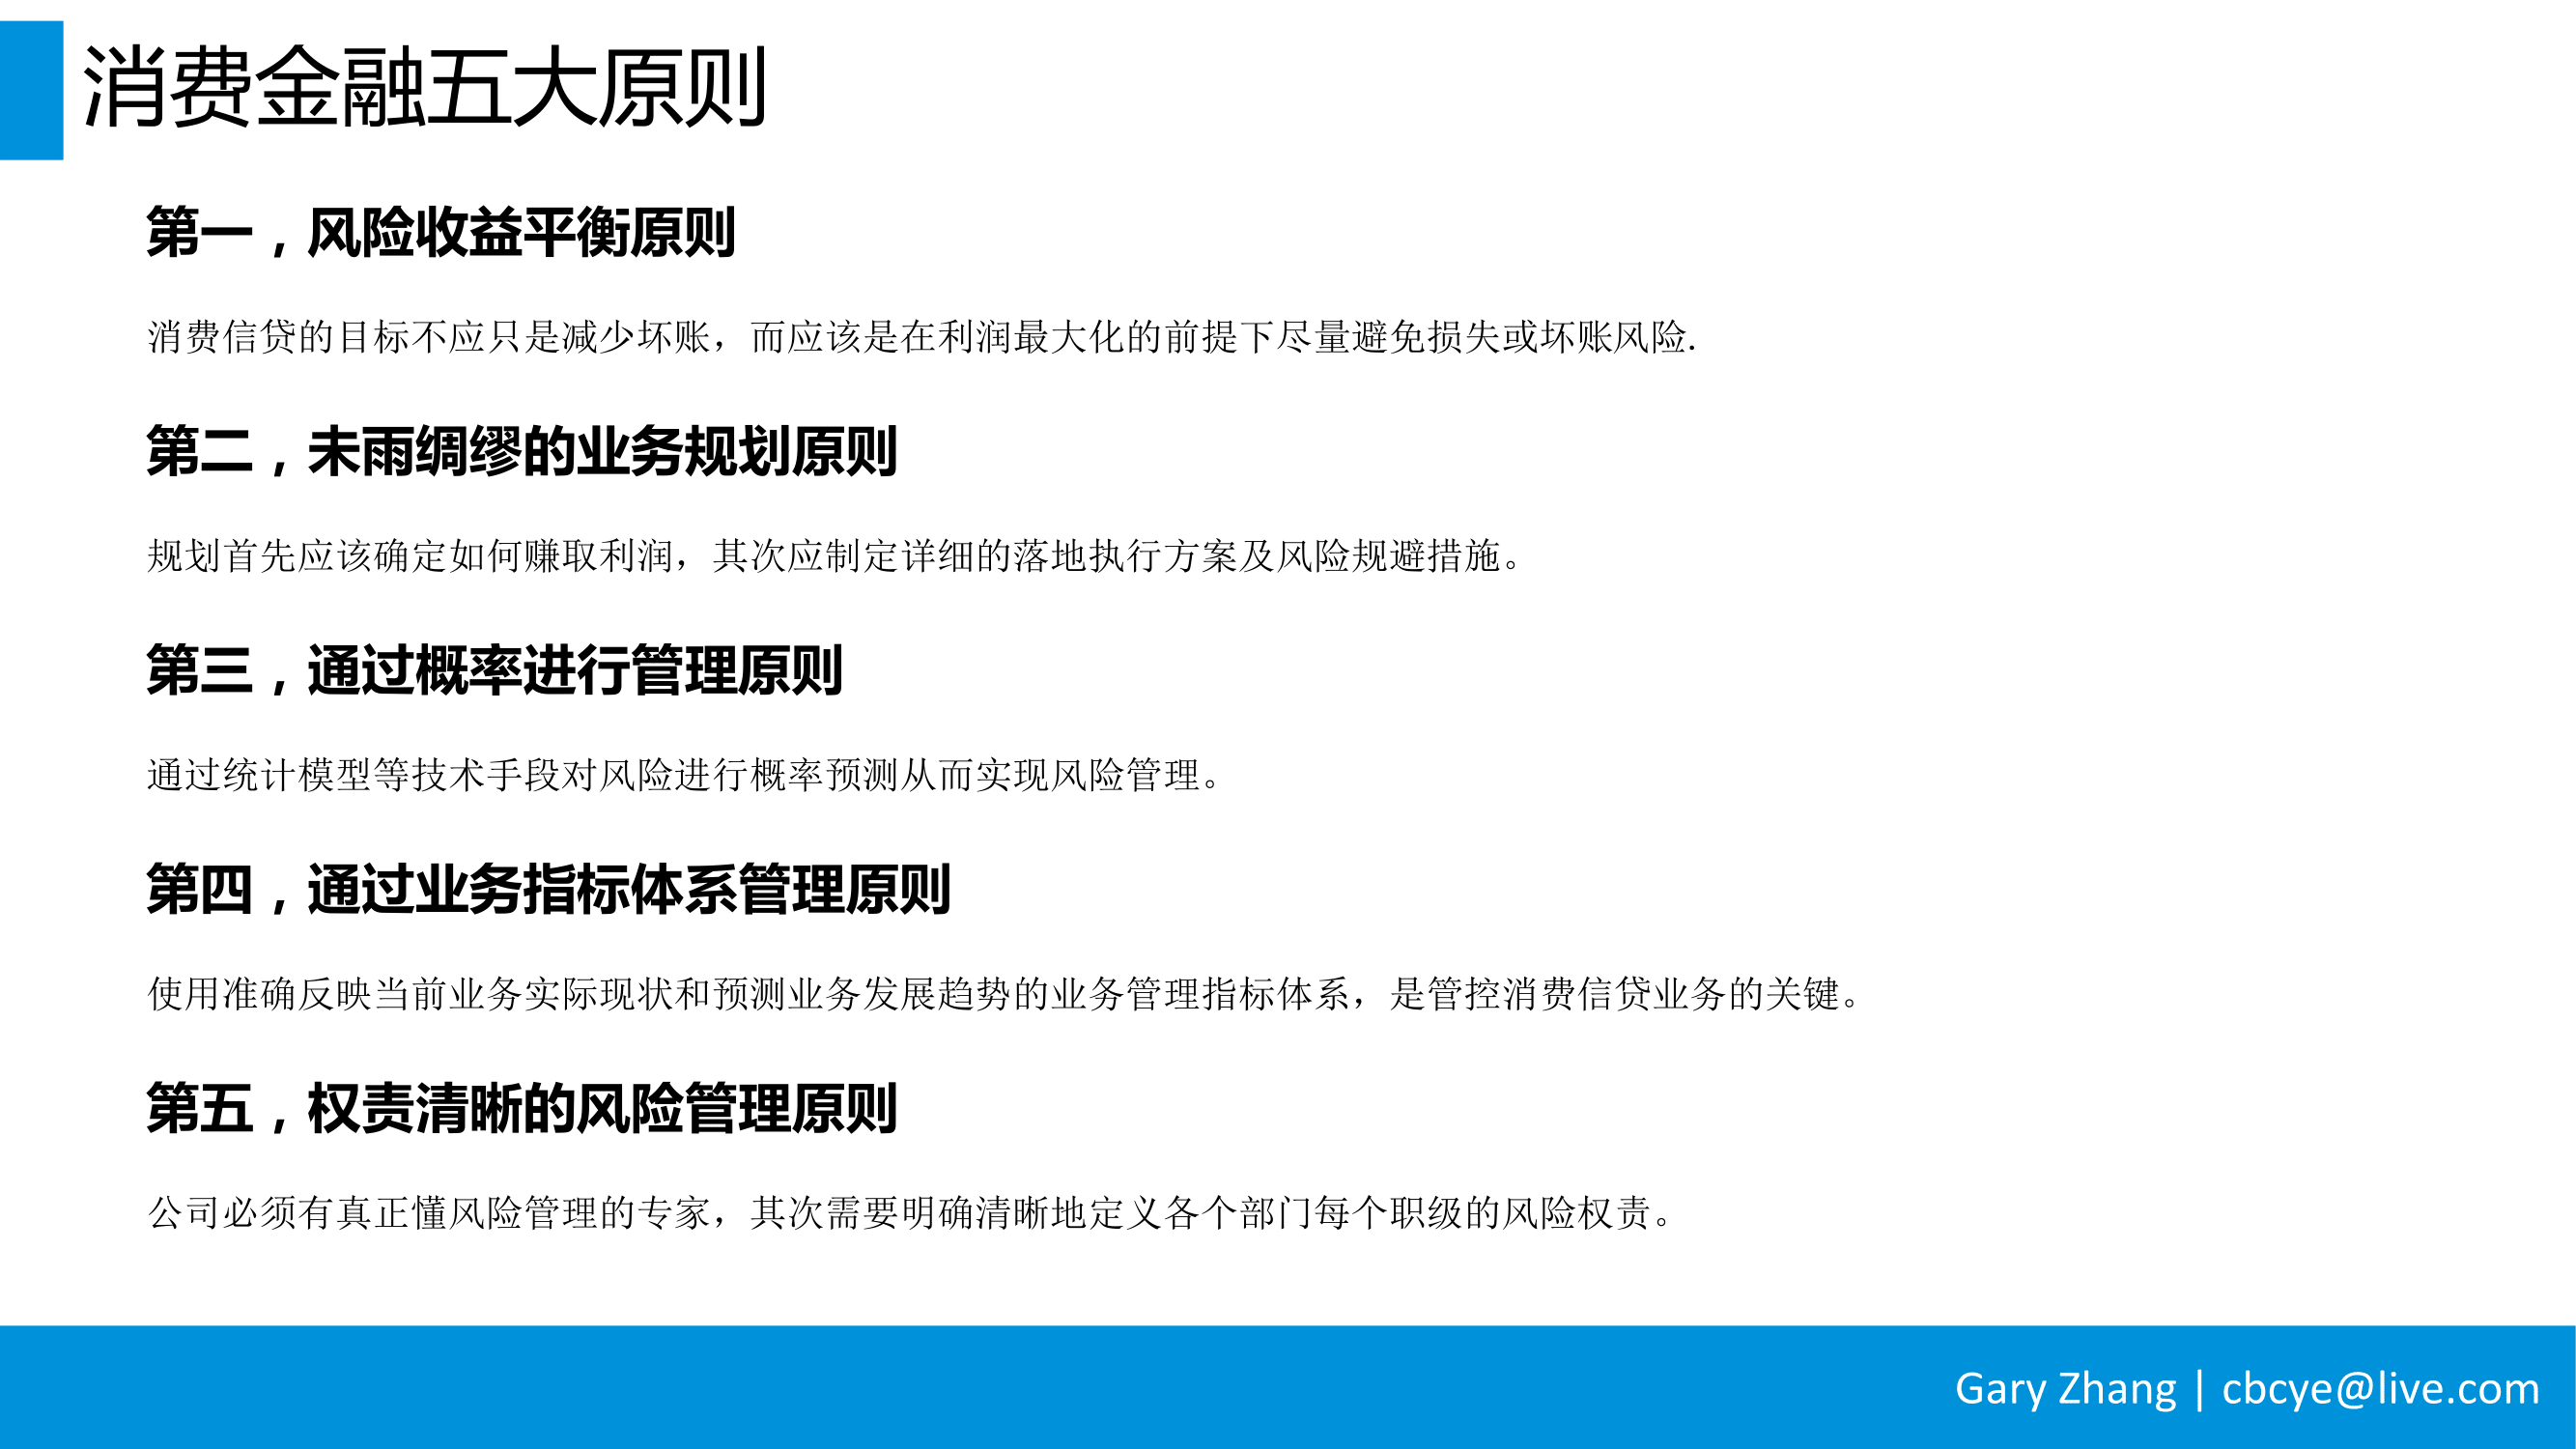 消费金融业务全流程指南_v1.0-007